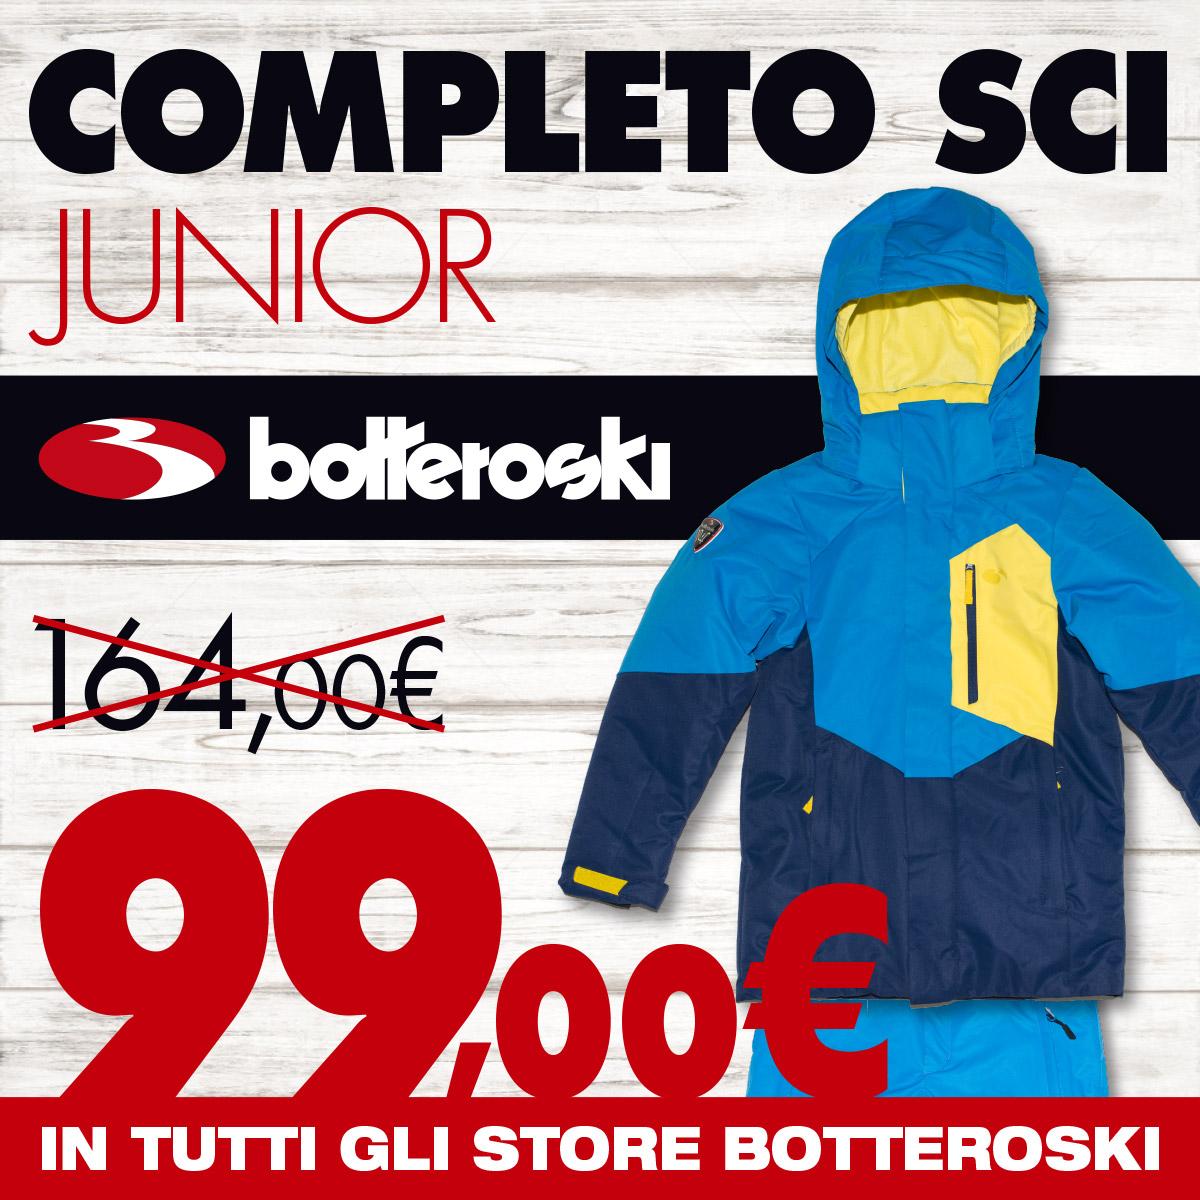 Promo completi sci Bottero Ski junior 99 euro